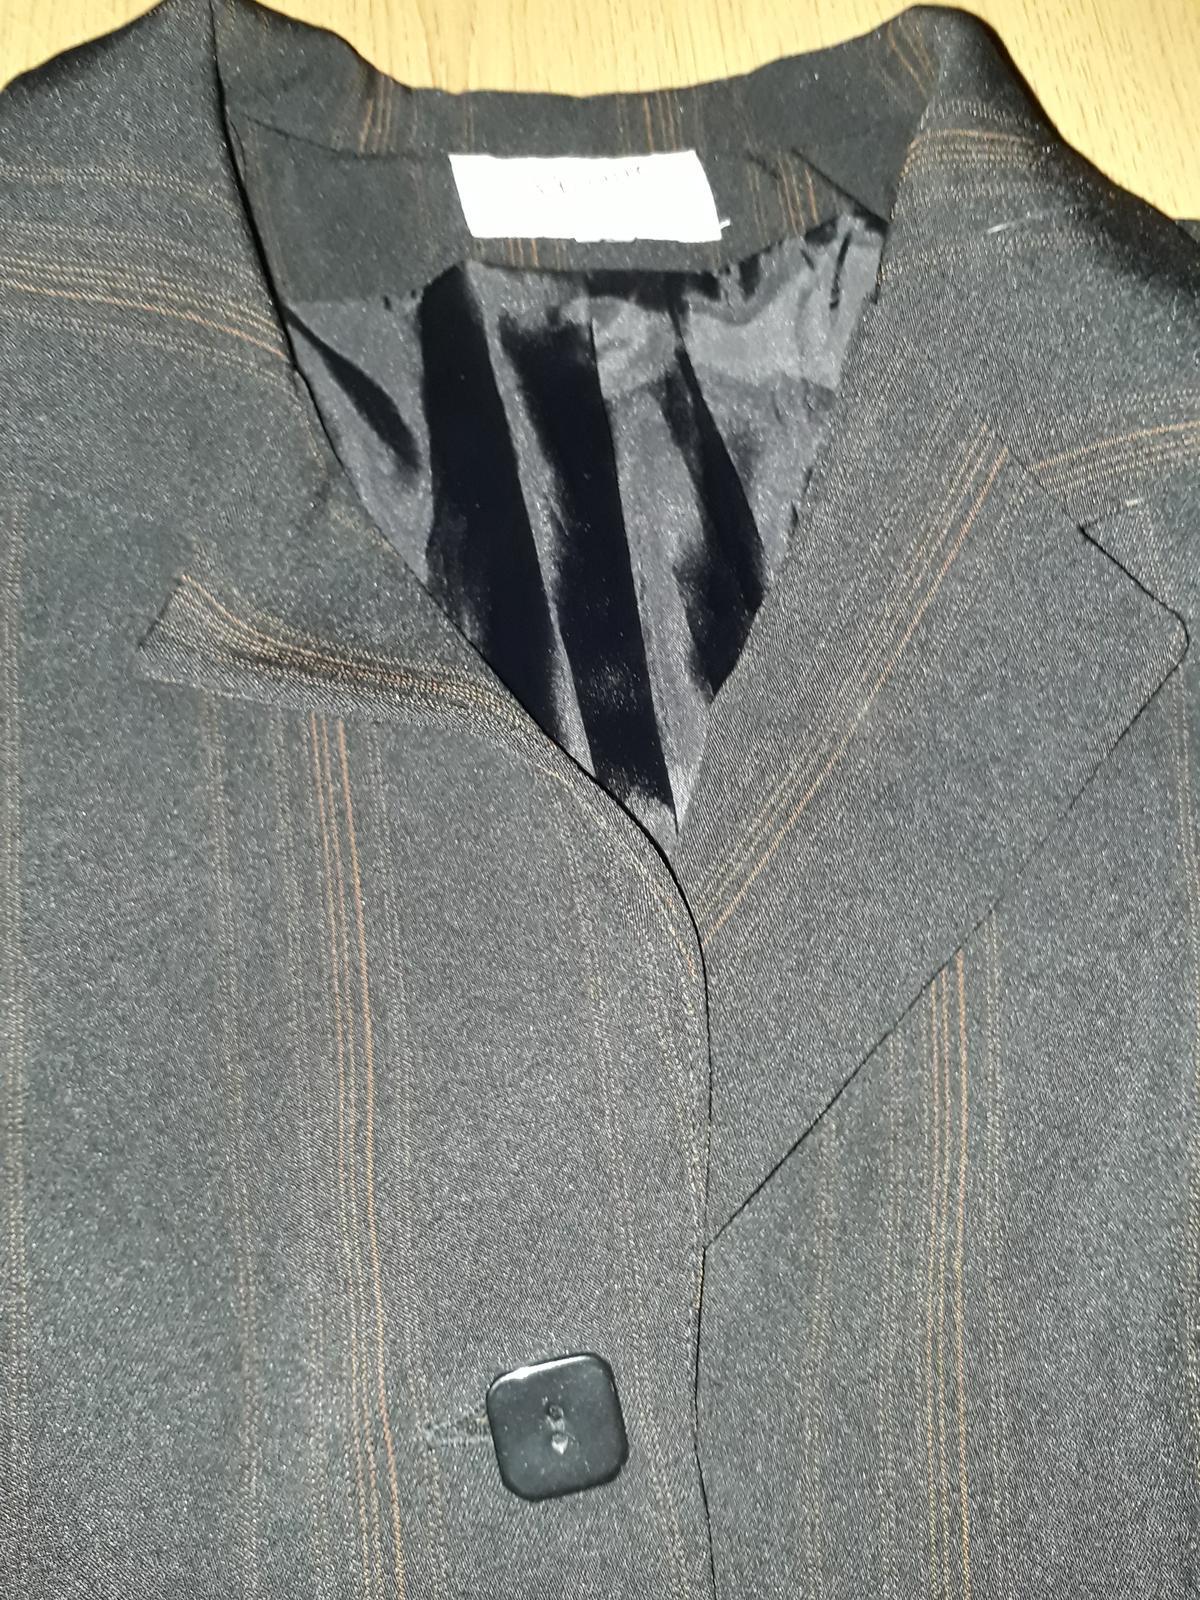 dámský kalhotový kostým s oranžovým proužkem 40/42 - Obrázek č. 3